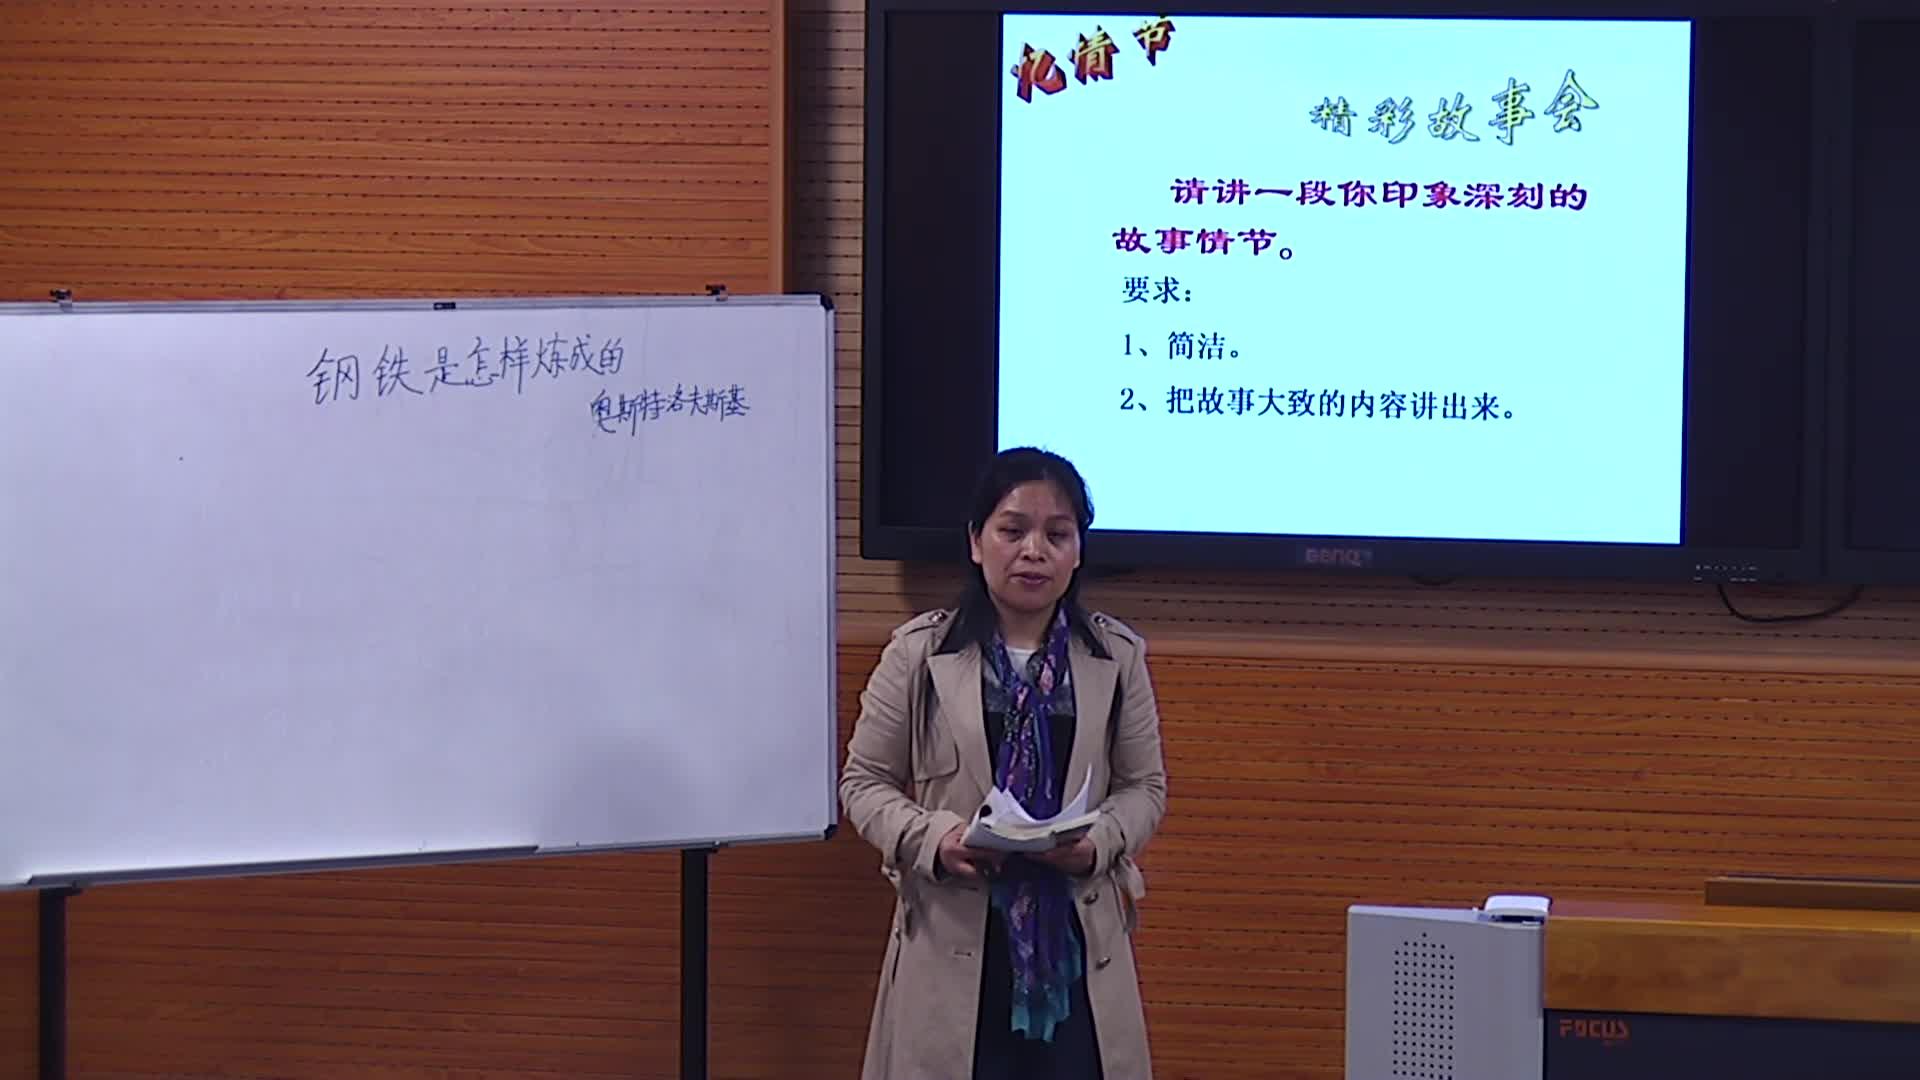 人教部编版 八年级语文下册 第六单元 《钢铁是怎样炼成的》名著导读 陈琼-视频公开课